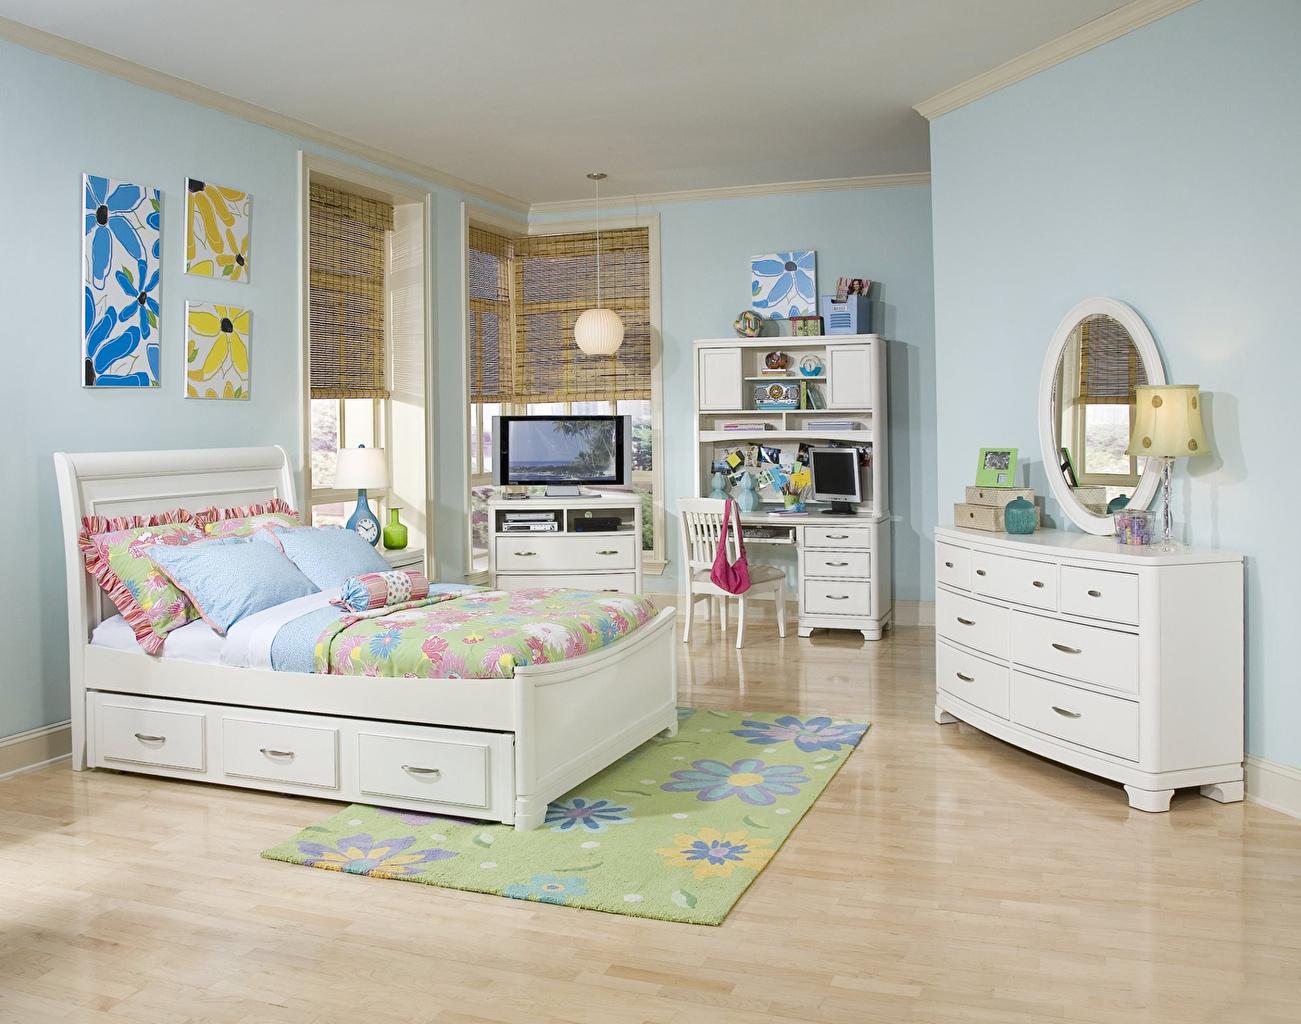 Картинка Детская комната Интерьер Кровать Подушки Дизайн кровате кровати подушка дизайна